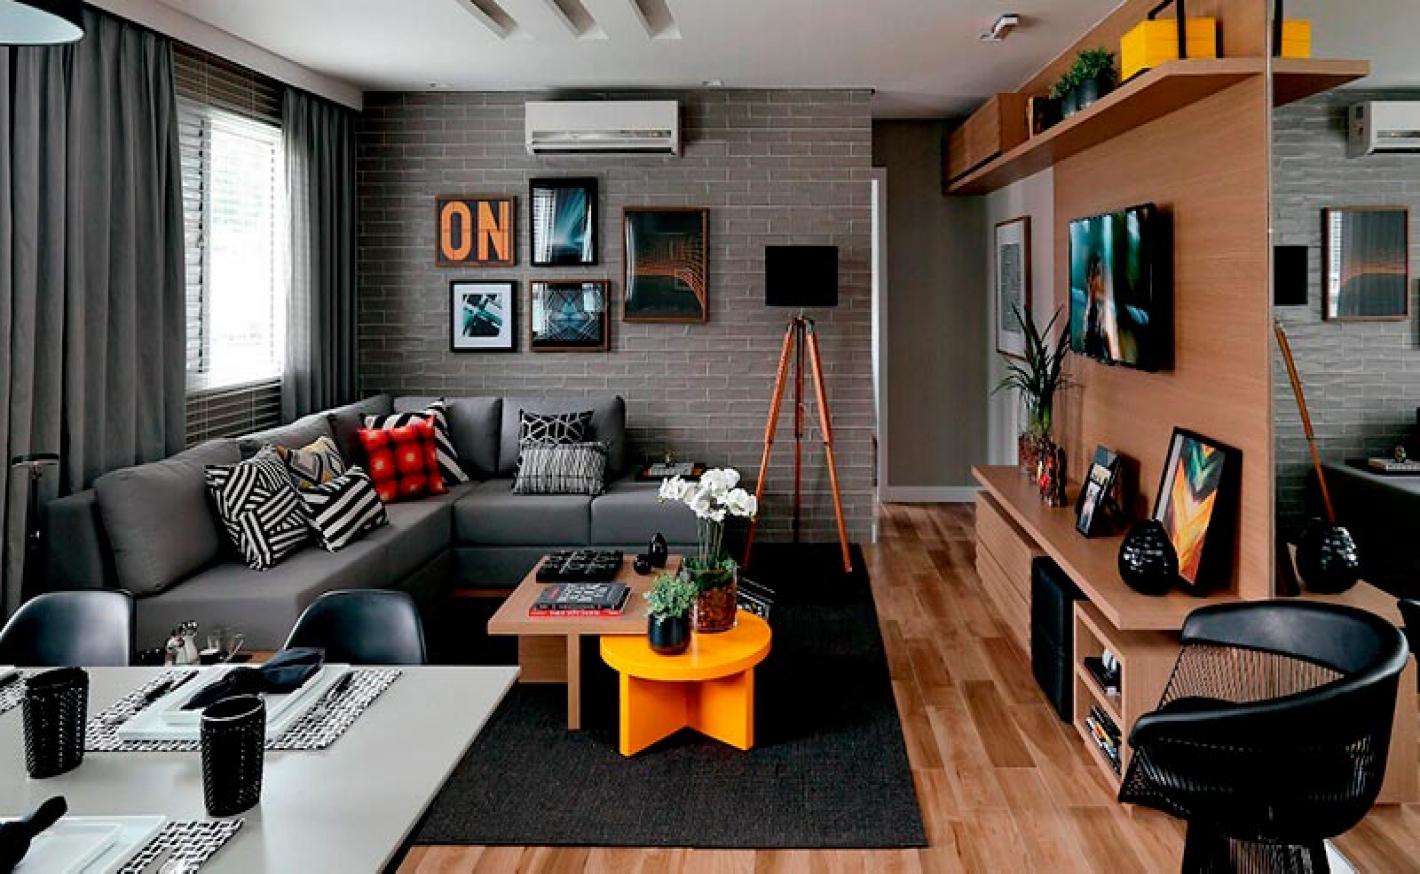 Como decorar apartamento pequeno: veja 10 dicas incríveis!